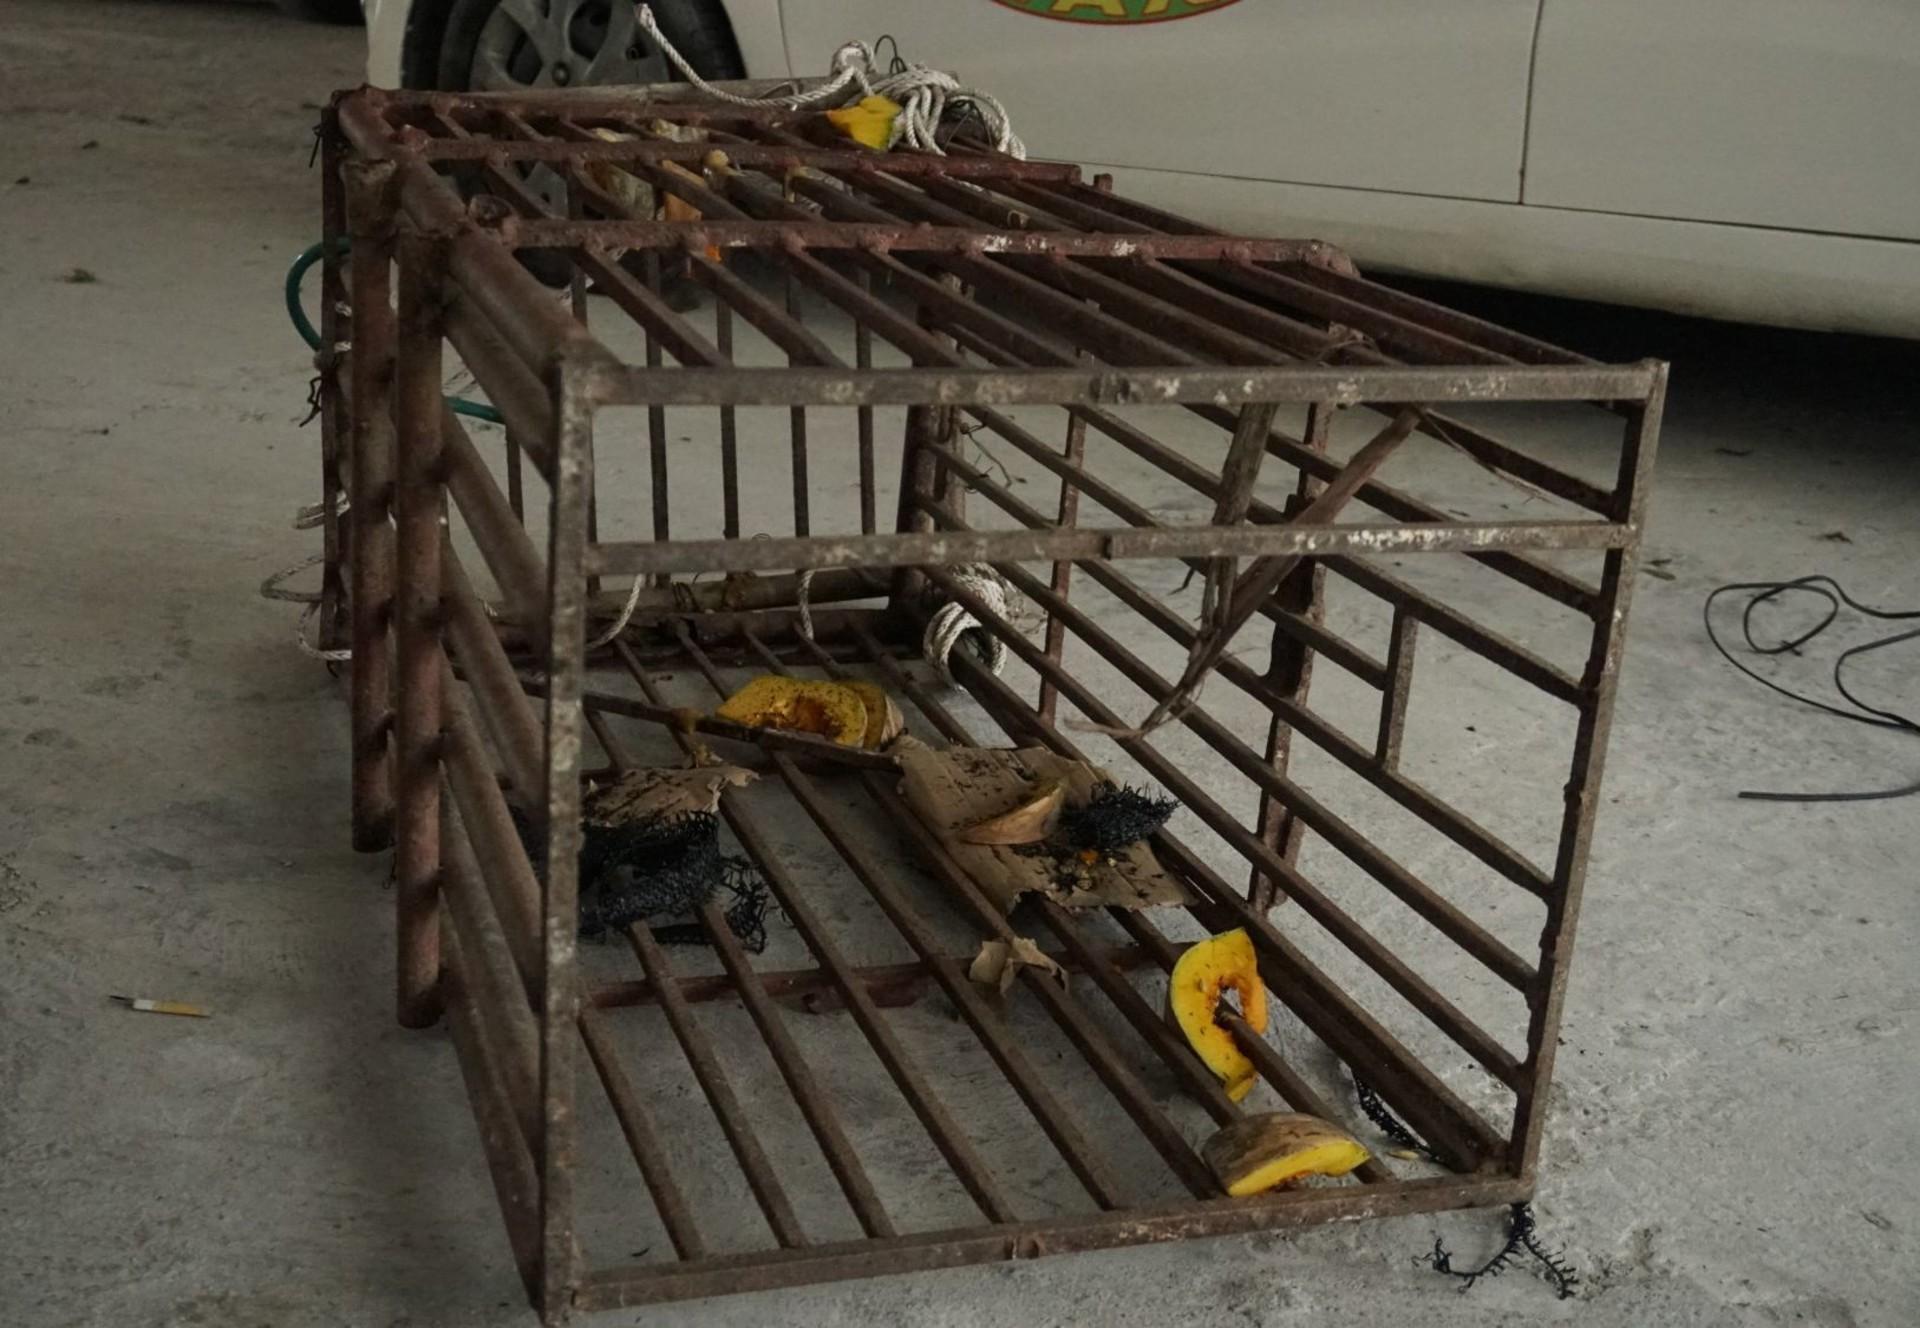 Der leere, winzige Käfig aus dem der Bär gerettet wurde